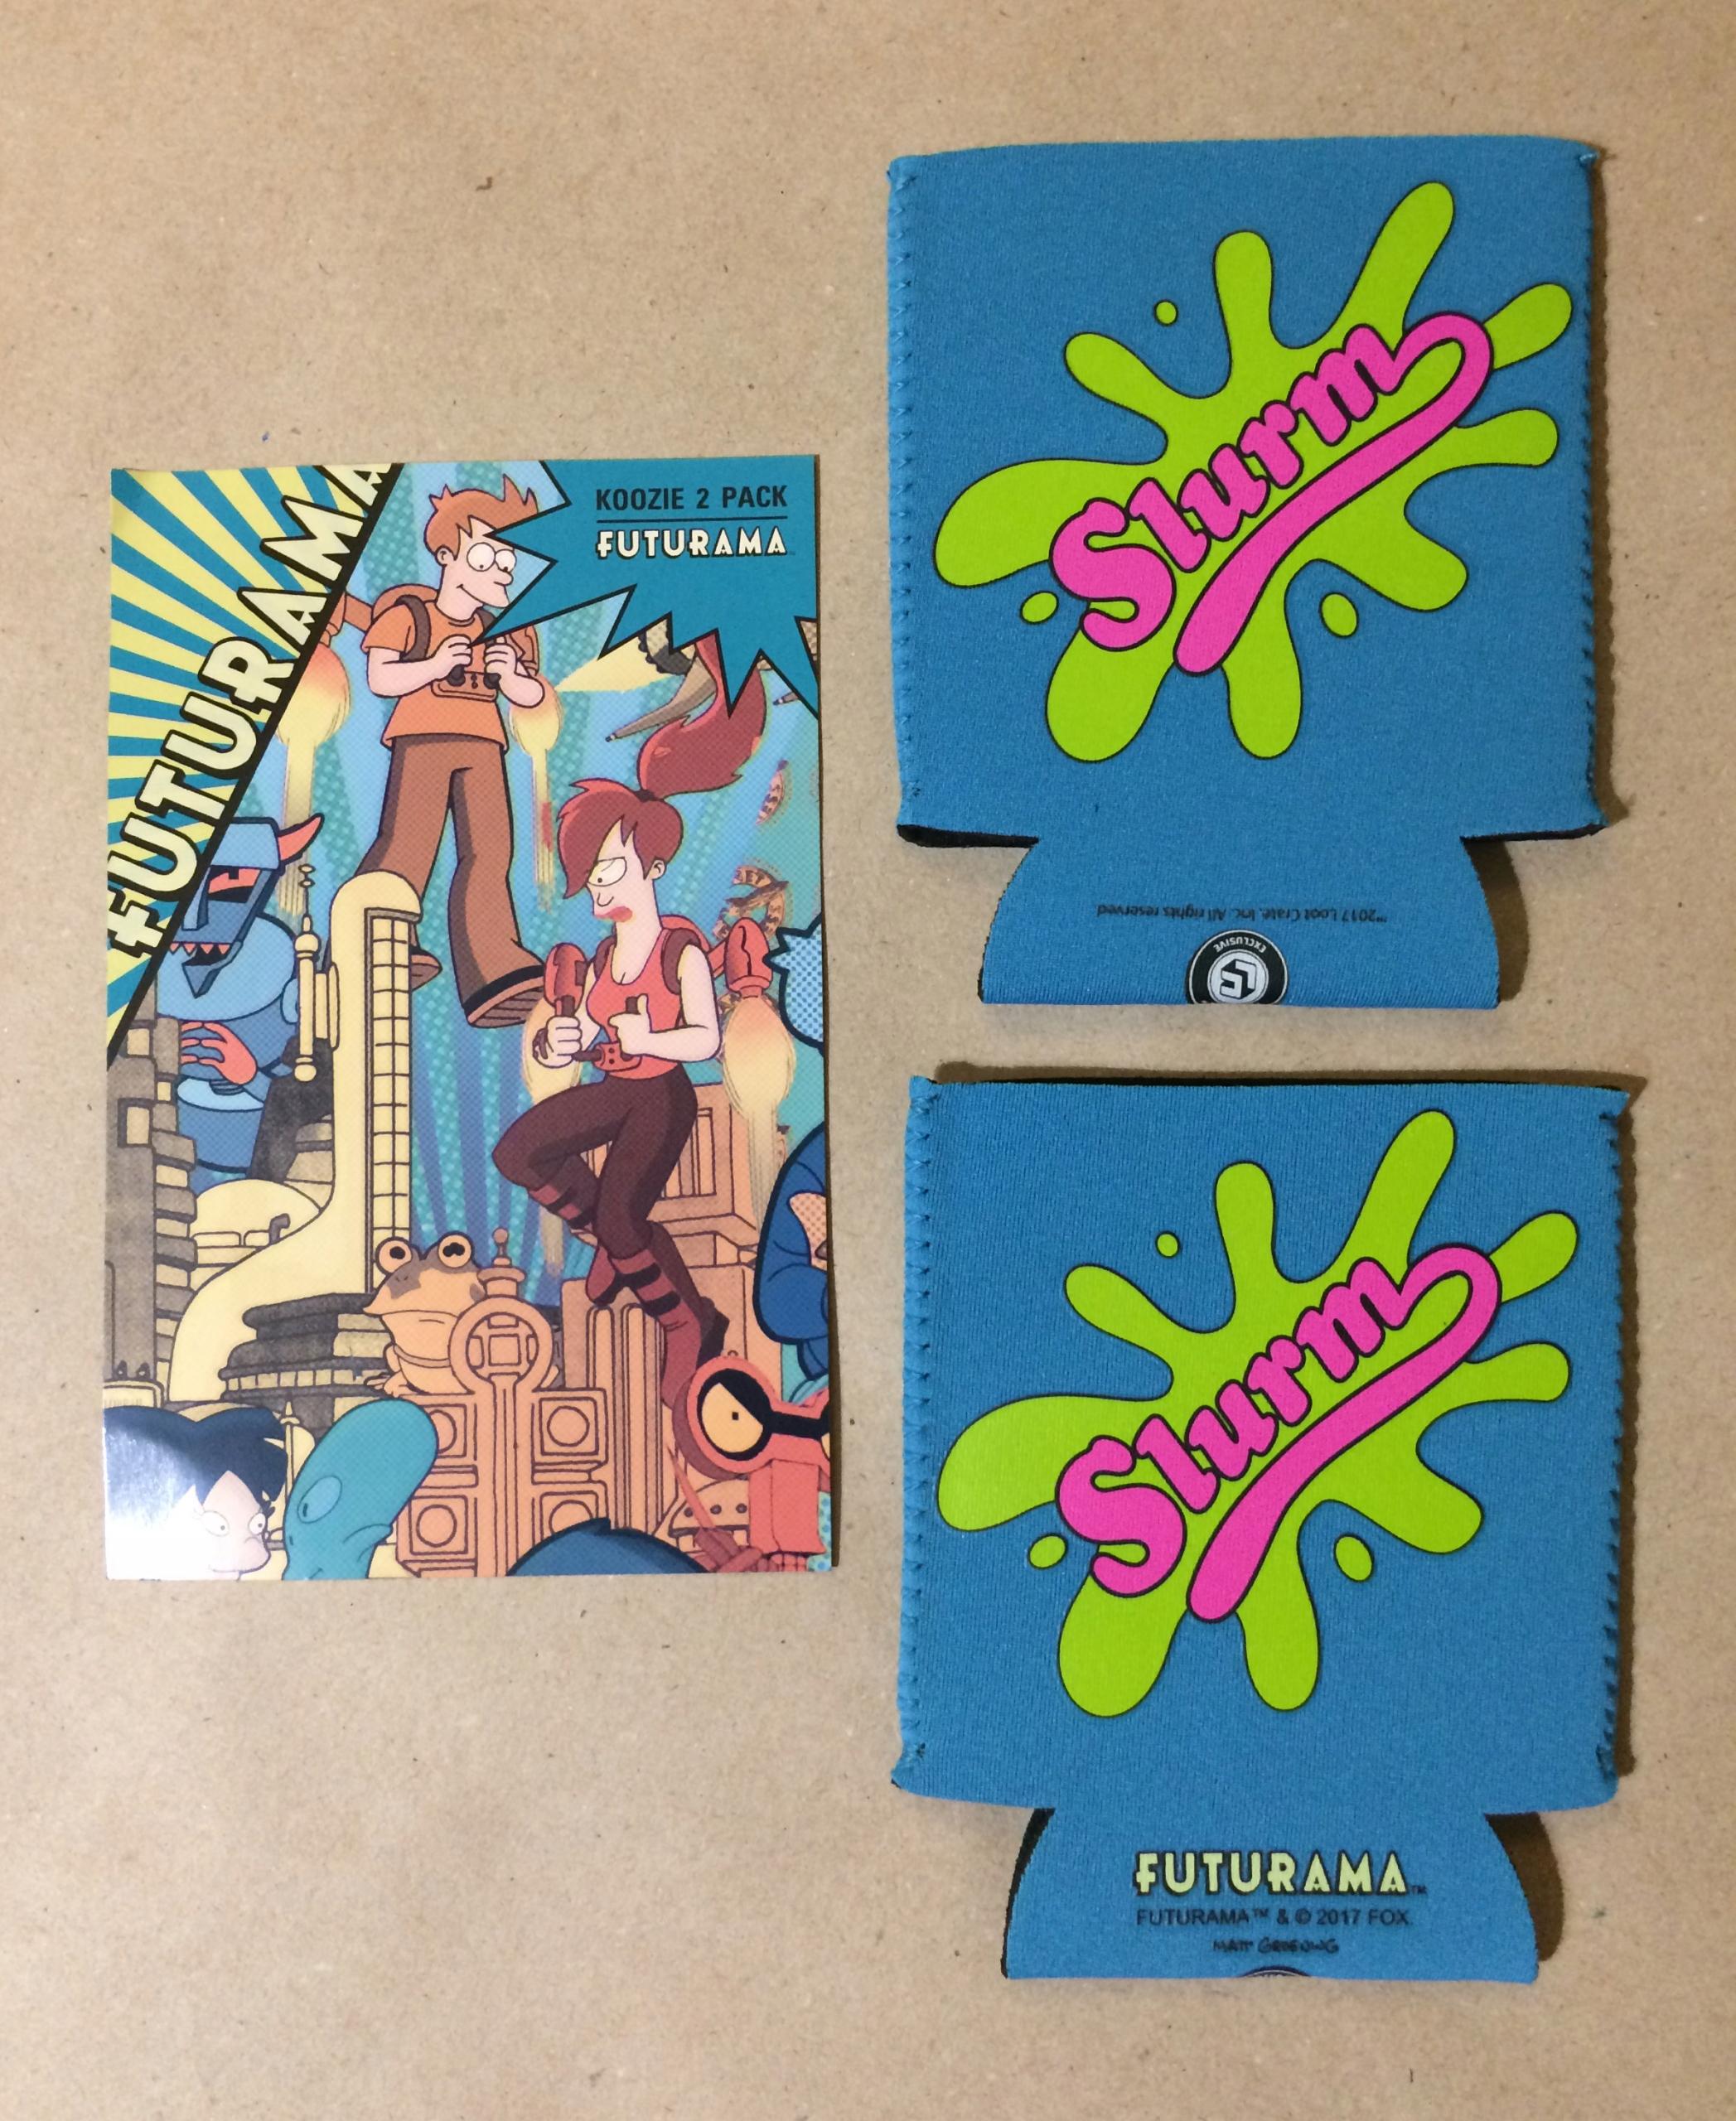 SLURM koozie 2 pack FUTURAMA unikat! na puszkę - 7640312300